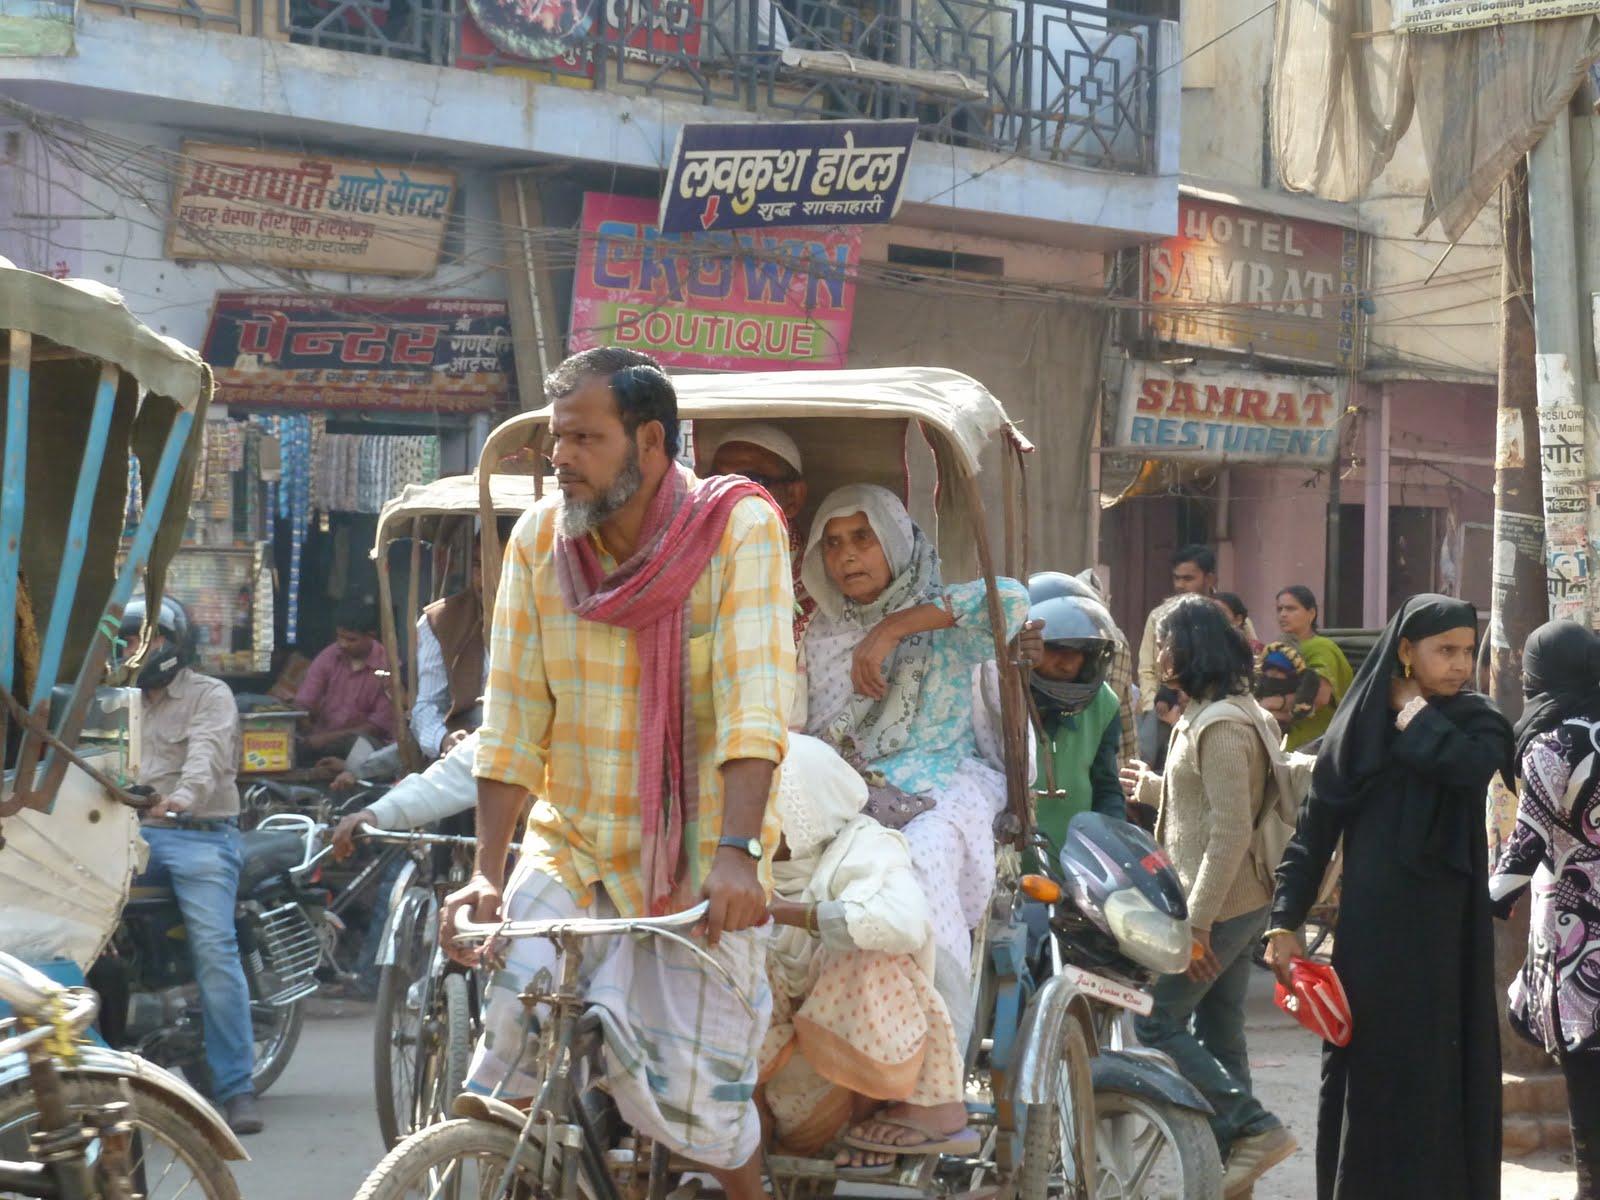 Seijas Gypsy Spirit Varanasi and Sarnat  Jiva